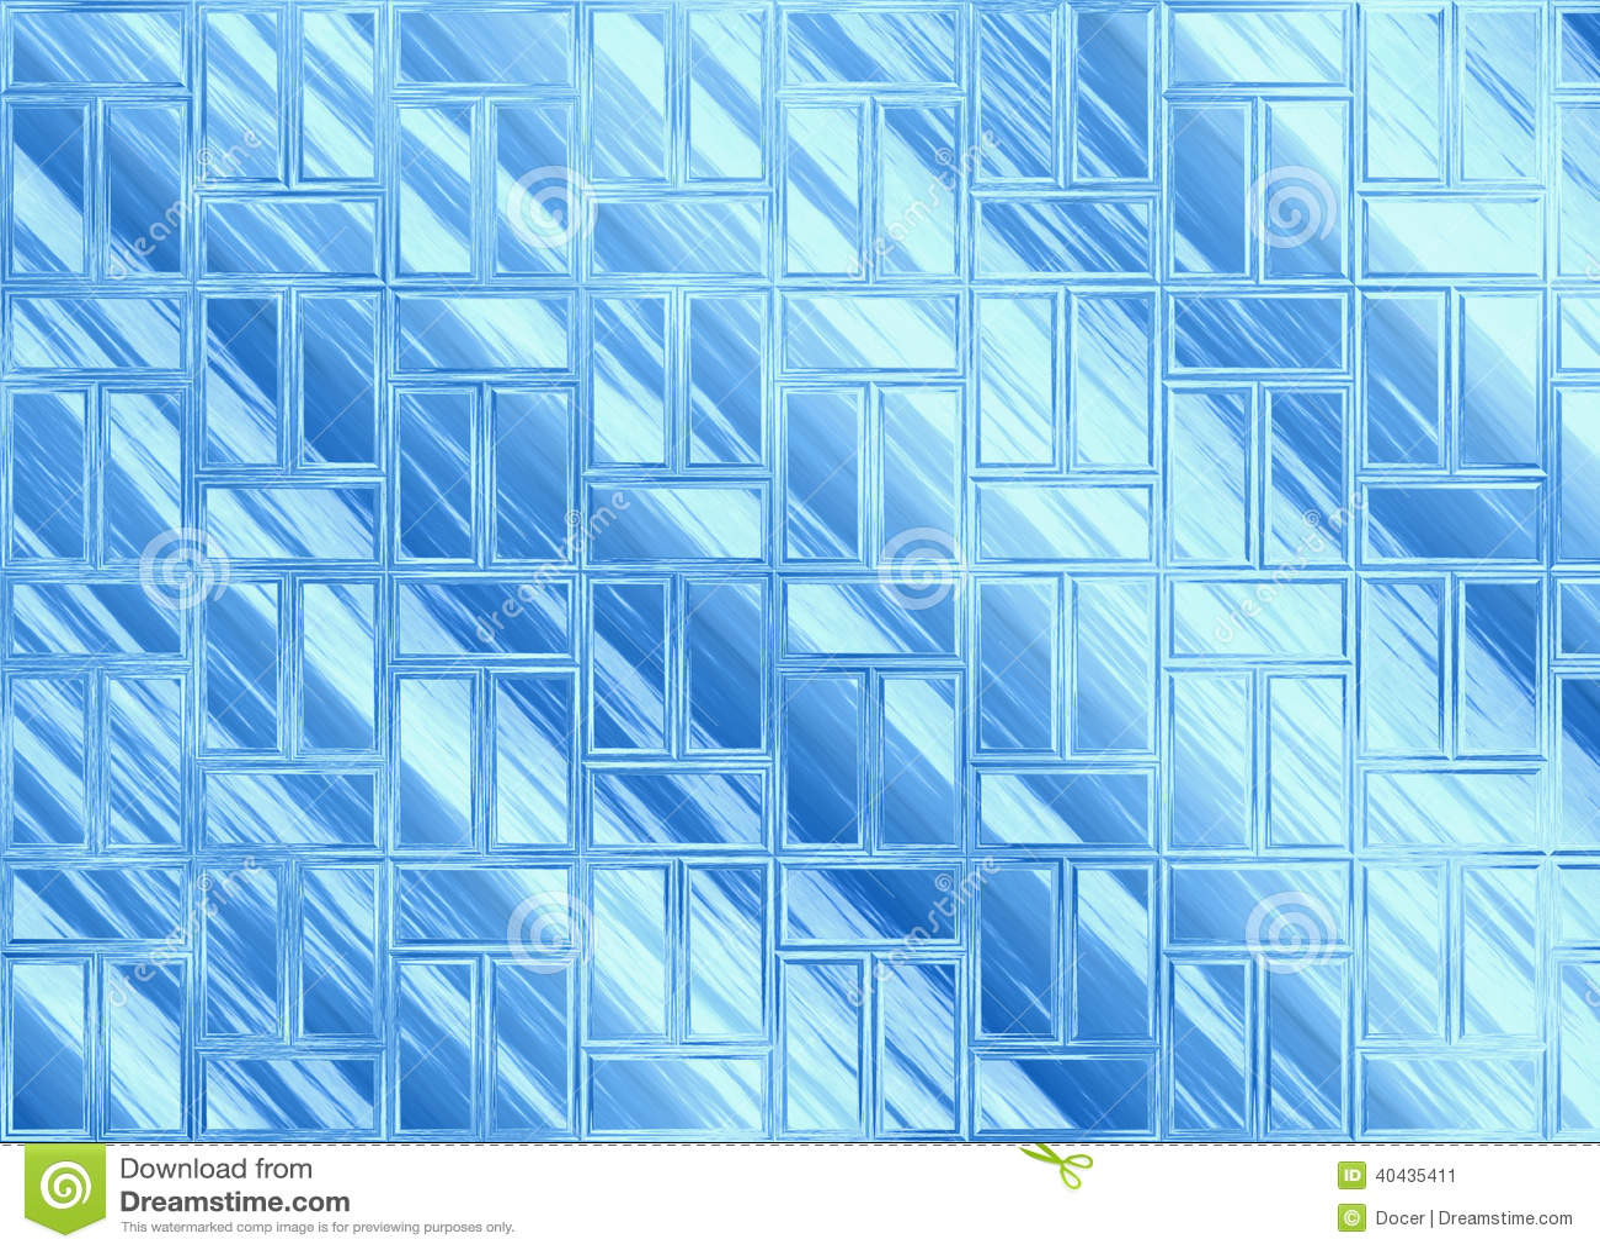 Fondos transparentes azules abstractos del vidrio de - Precio del vidrio ...